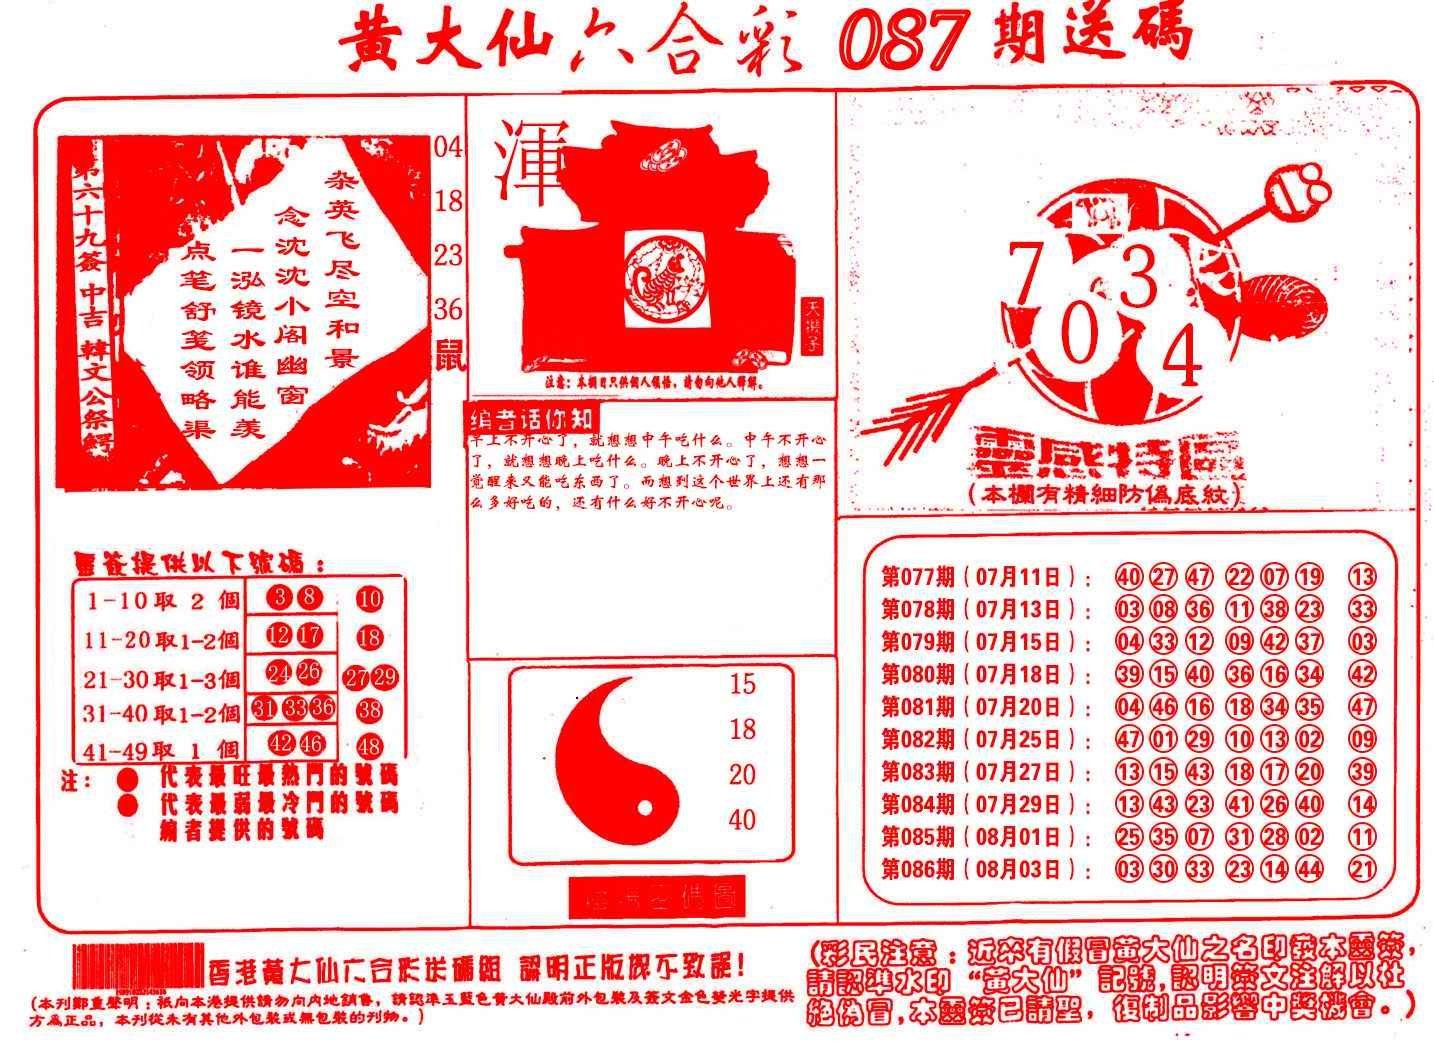 087期黄大仙射箭(信封)